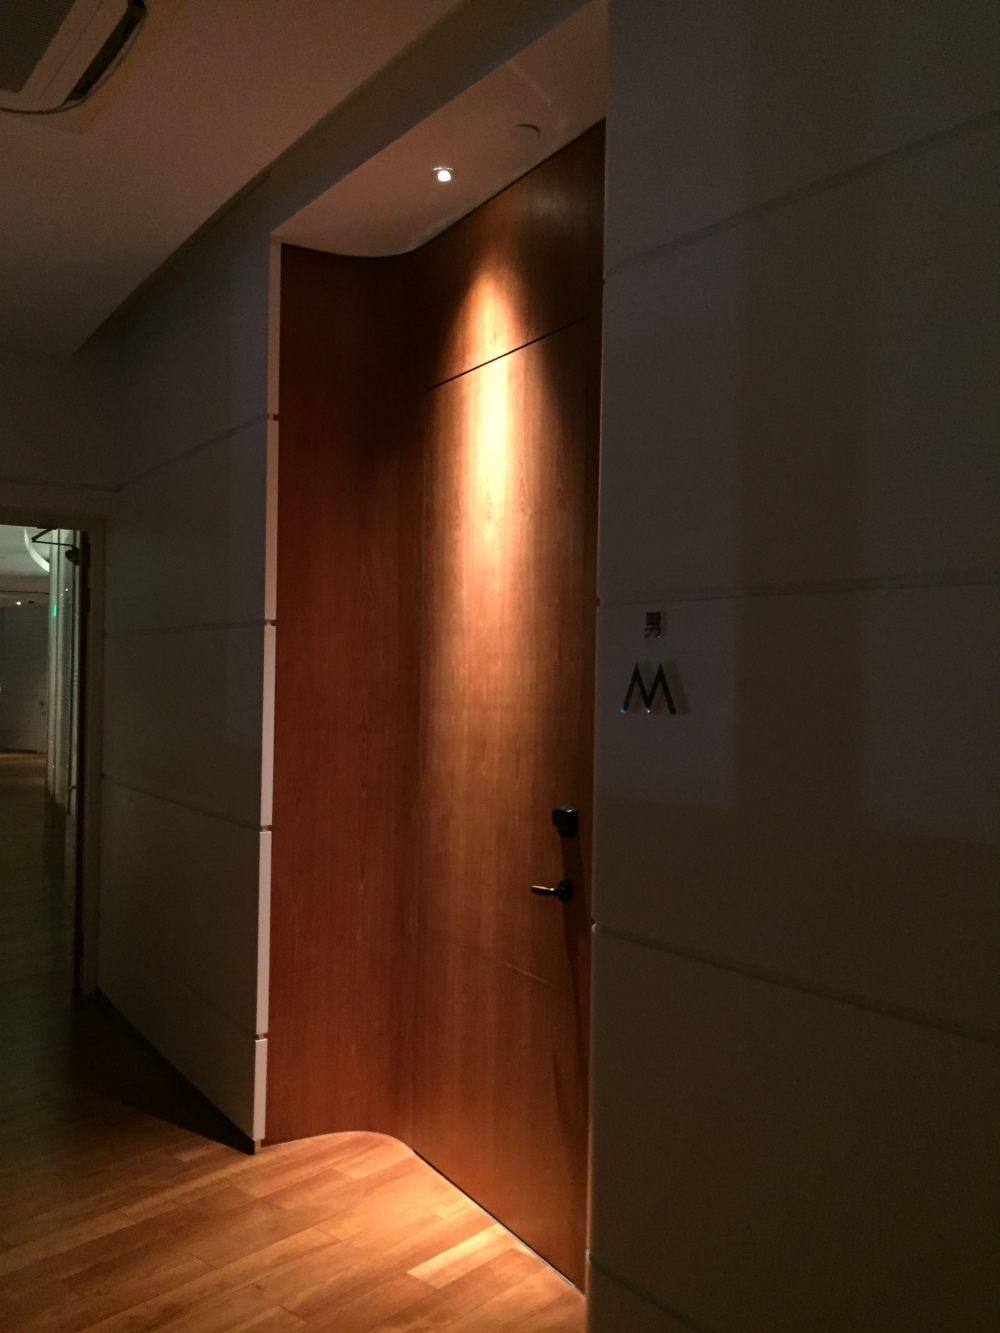 上海外滩W酒店,史上最全入住体验 自拍分享,申请置...._IMG_6211.JPG